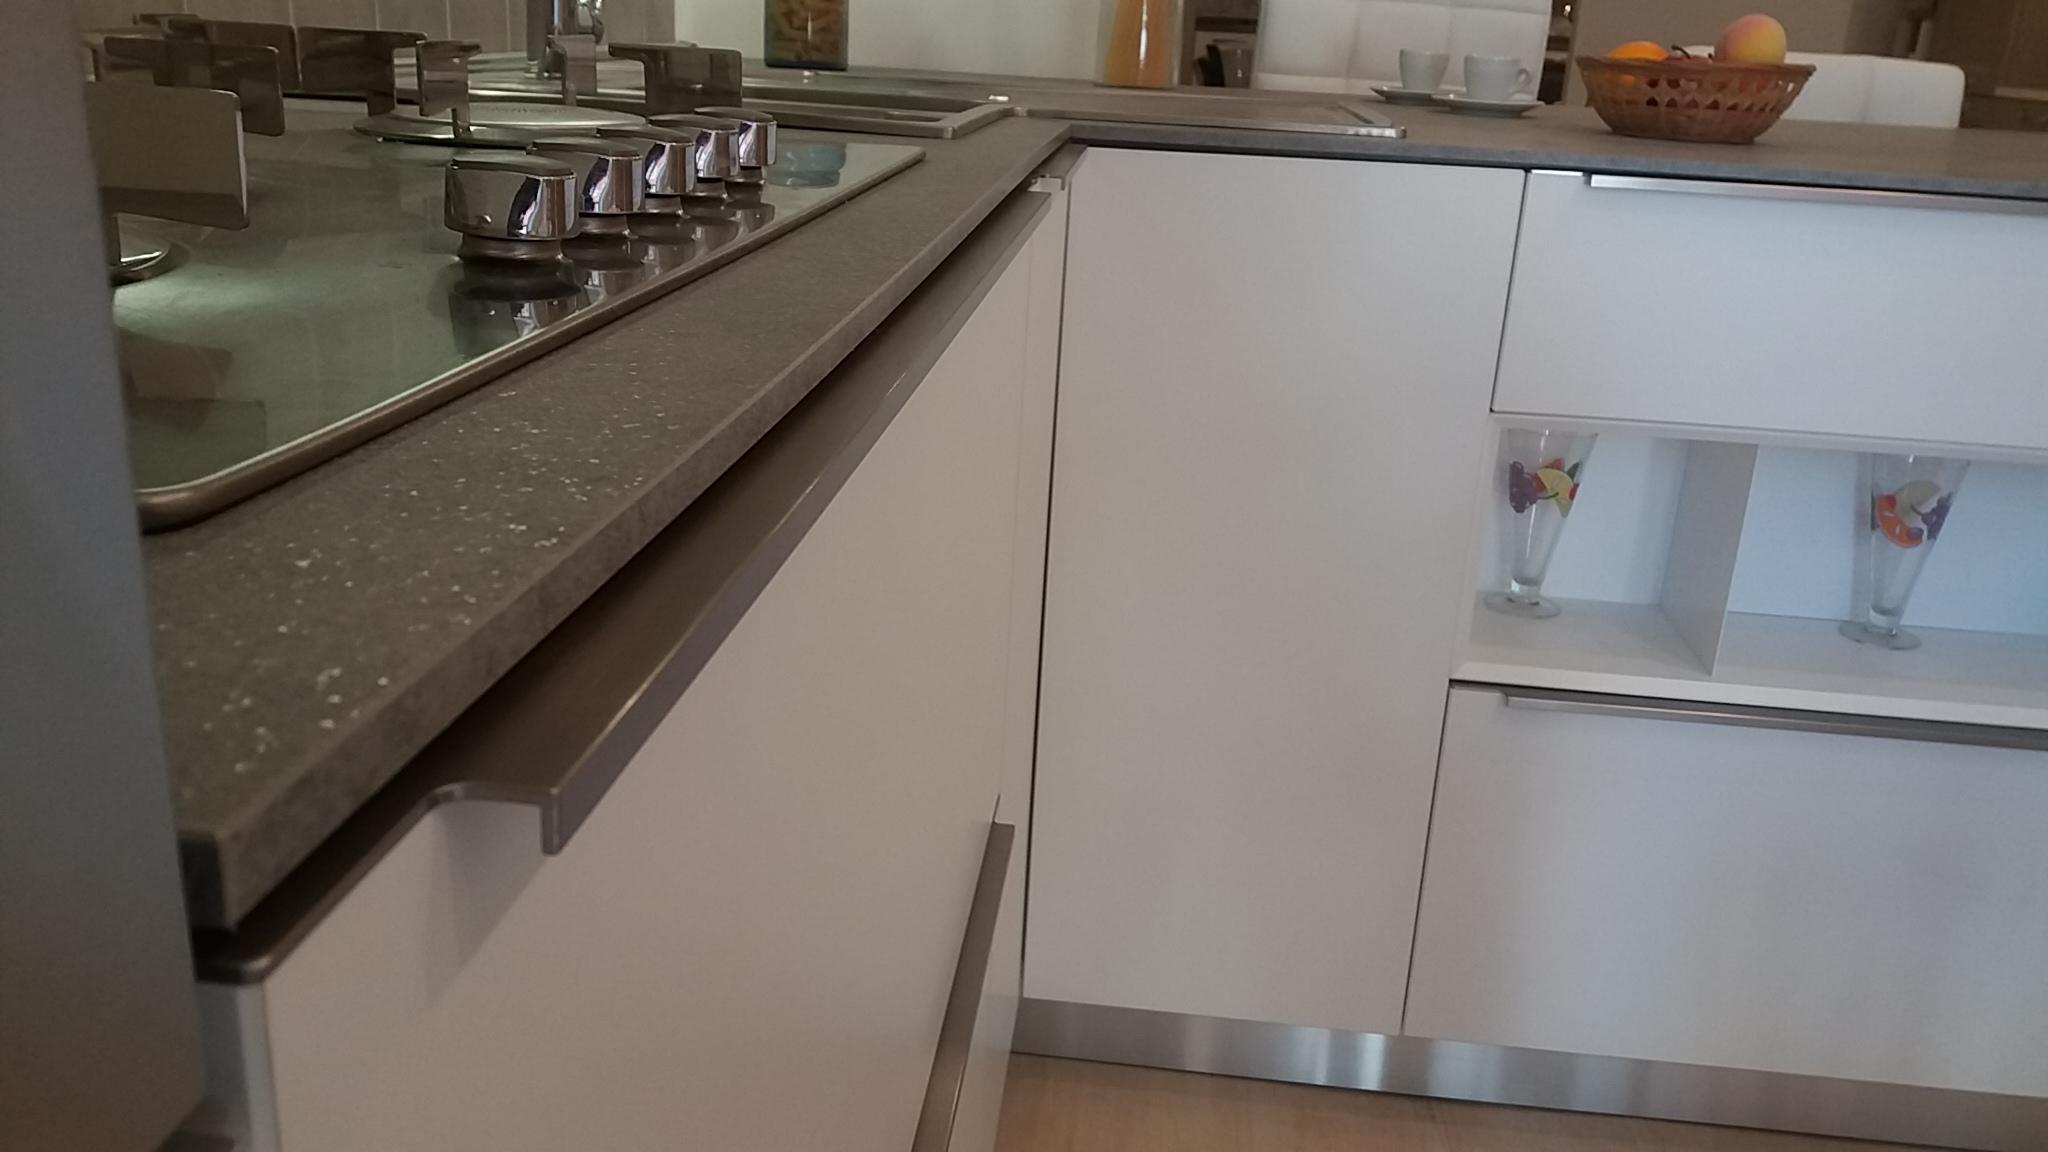 Cucina moderna di design con penisola scontata 50 cucine a prezzi scontati - Design cucina moderna ...